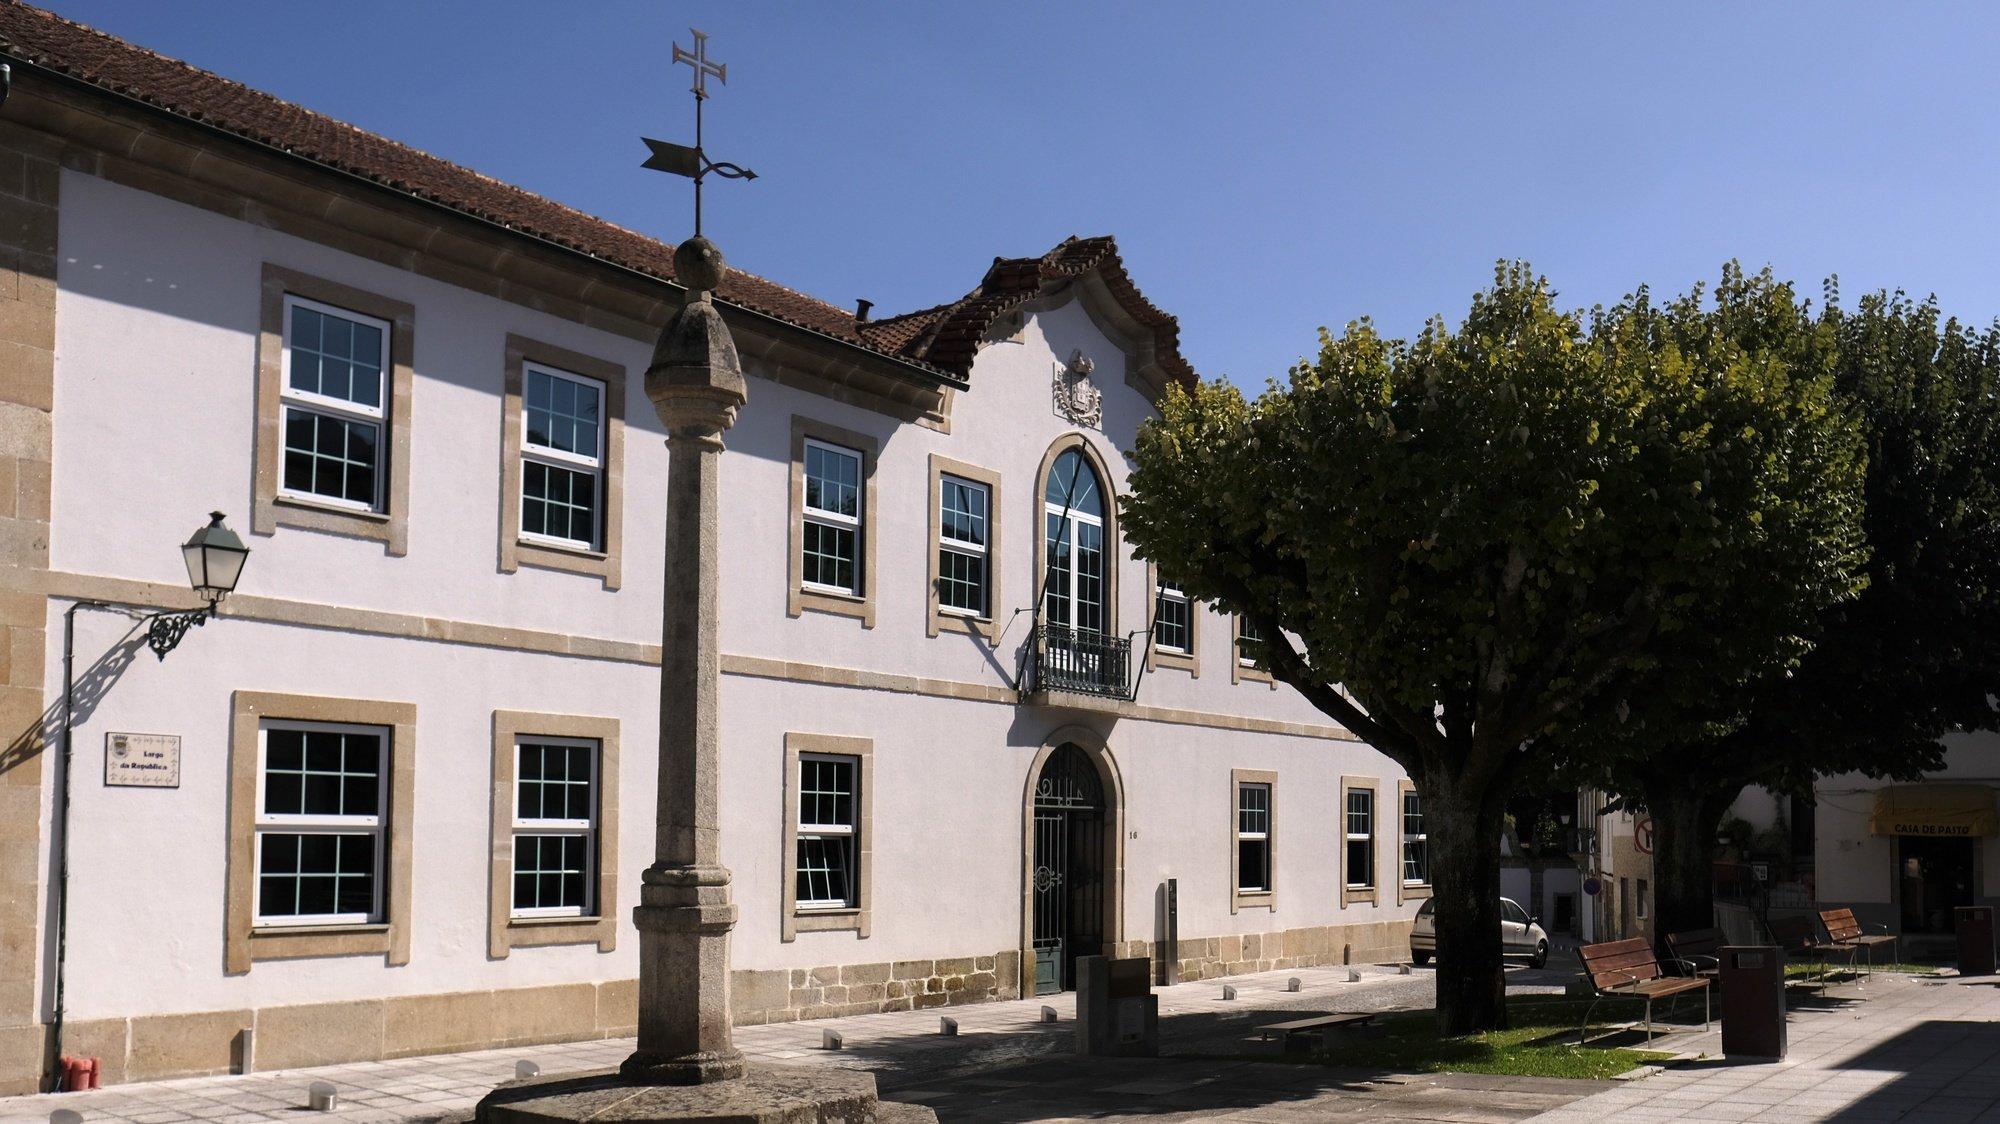 Edifício da Câmara Municipal de Tondela, 02 de Setembro de 2017.NUNO ANDRÉ FERREIRA / LUSA